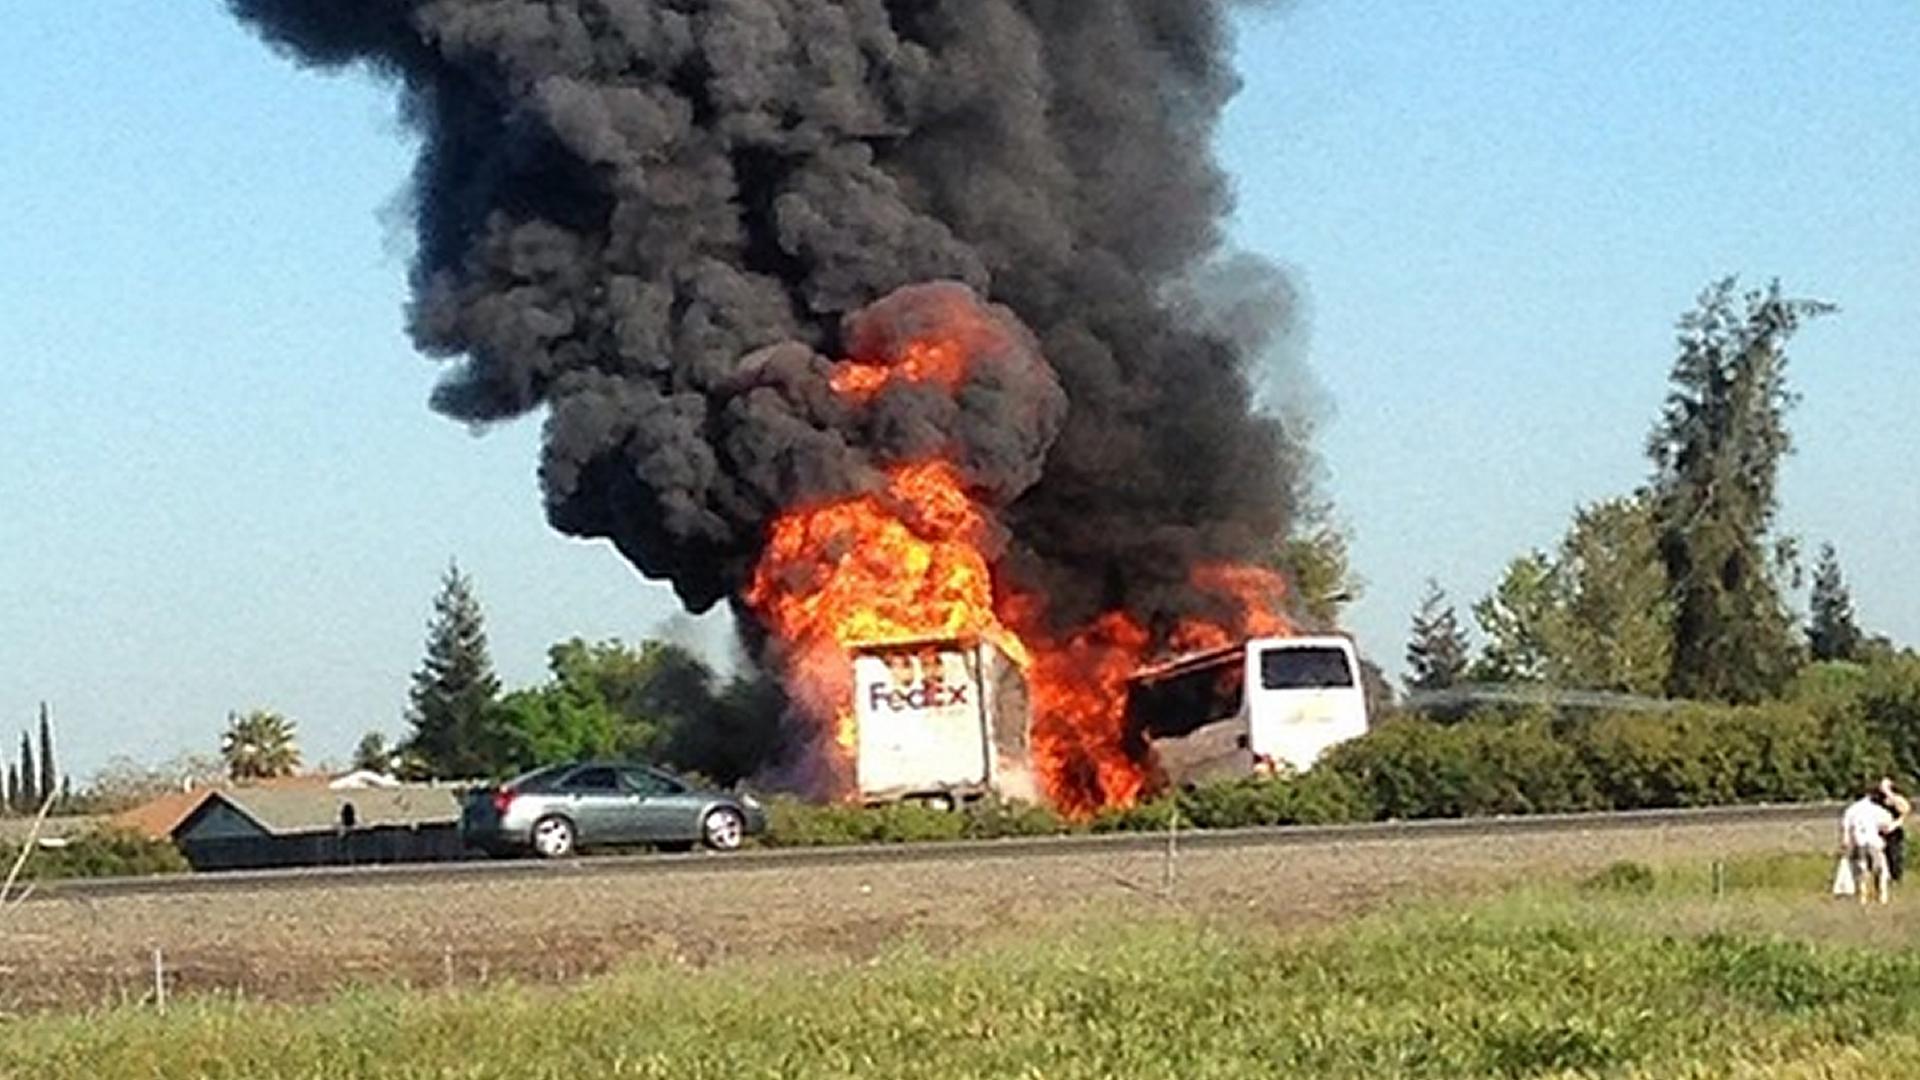 Fire Engulfs Deadly Bus Crash Site